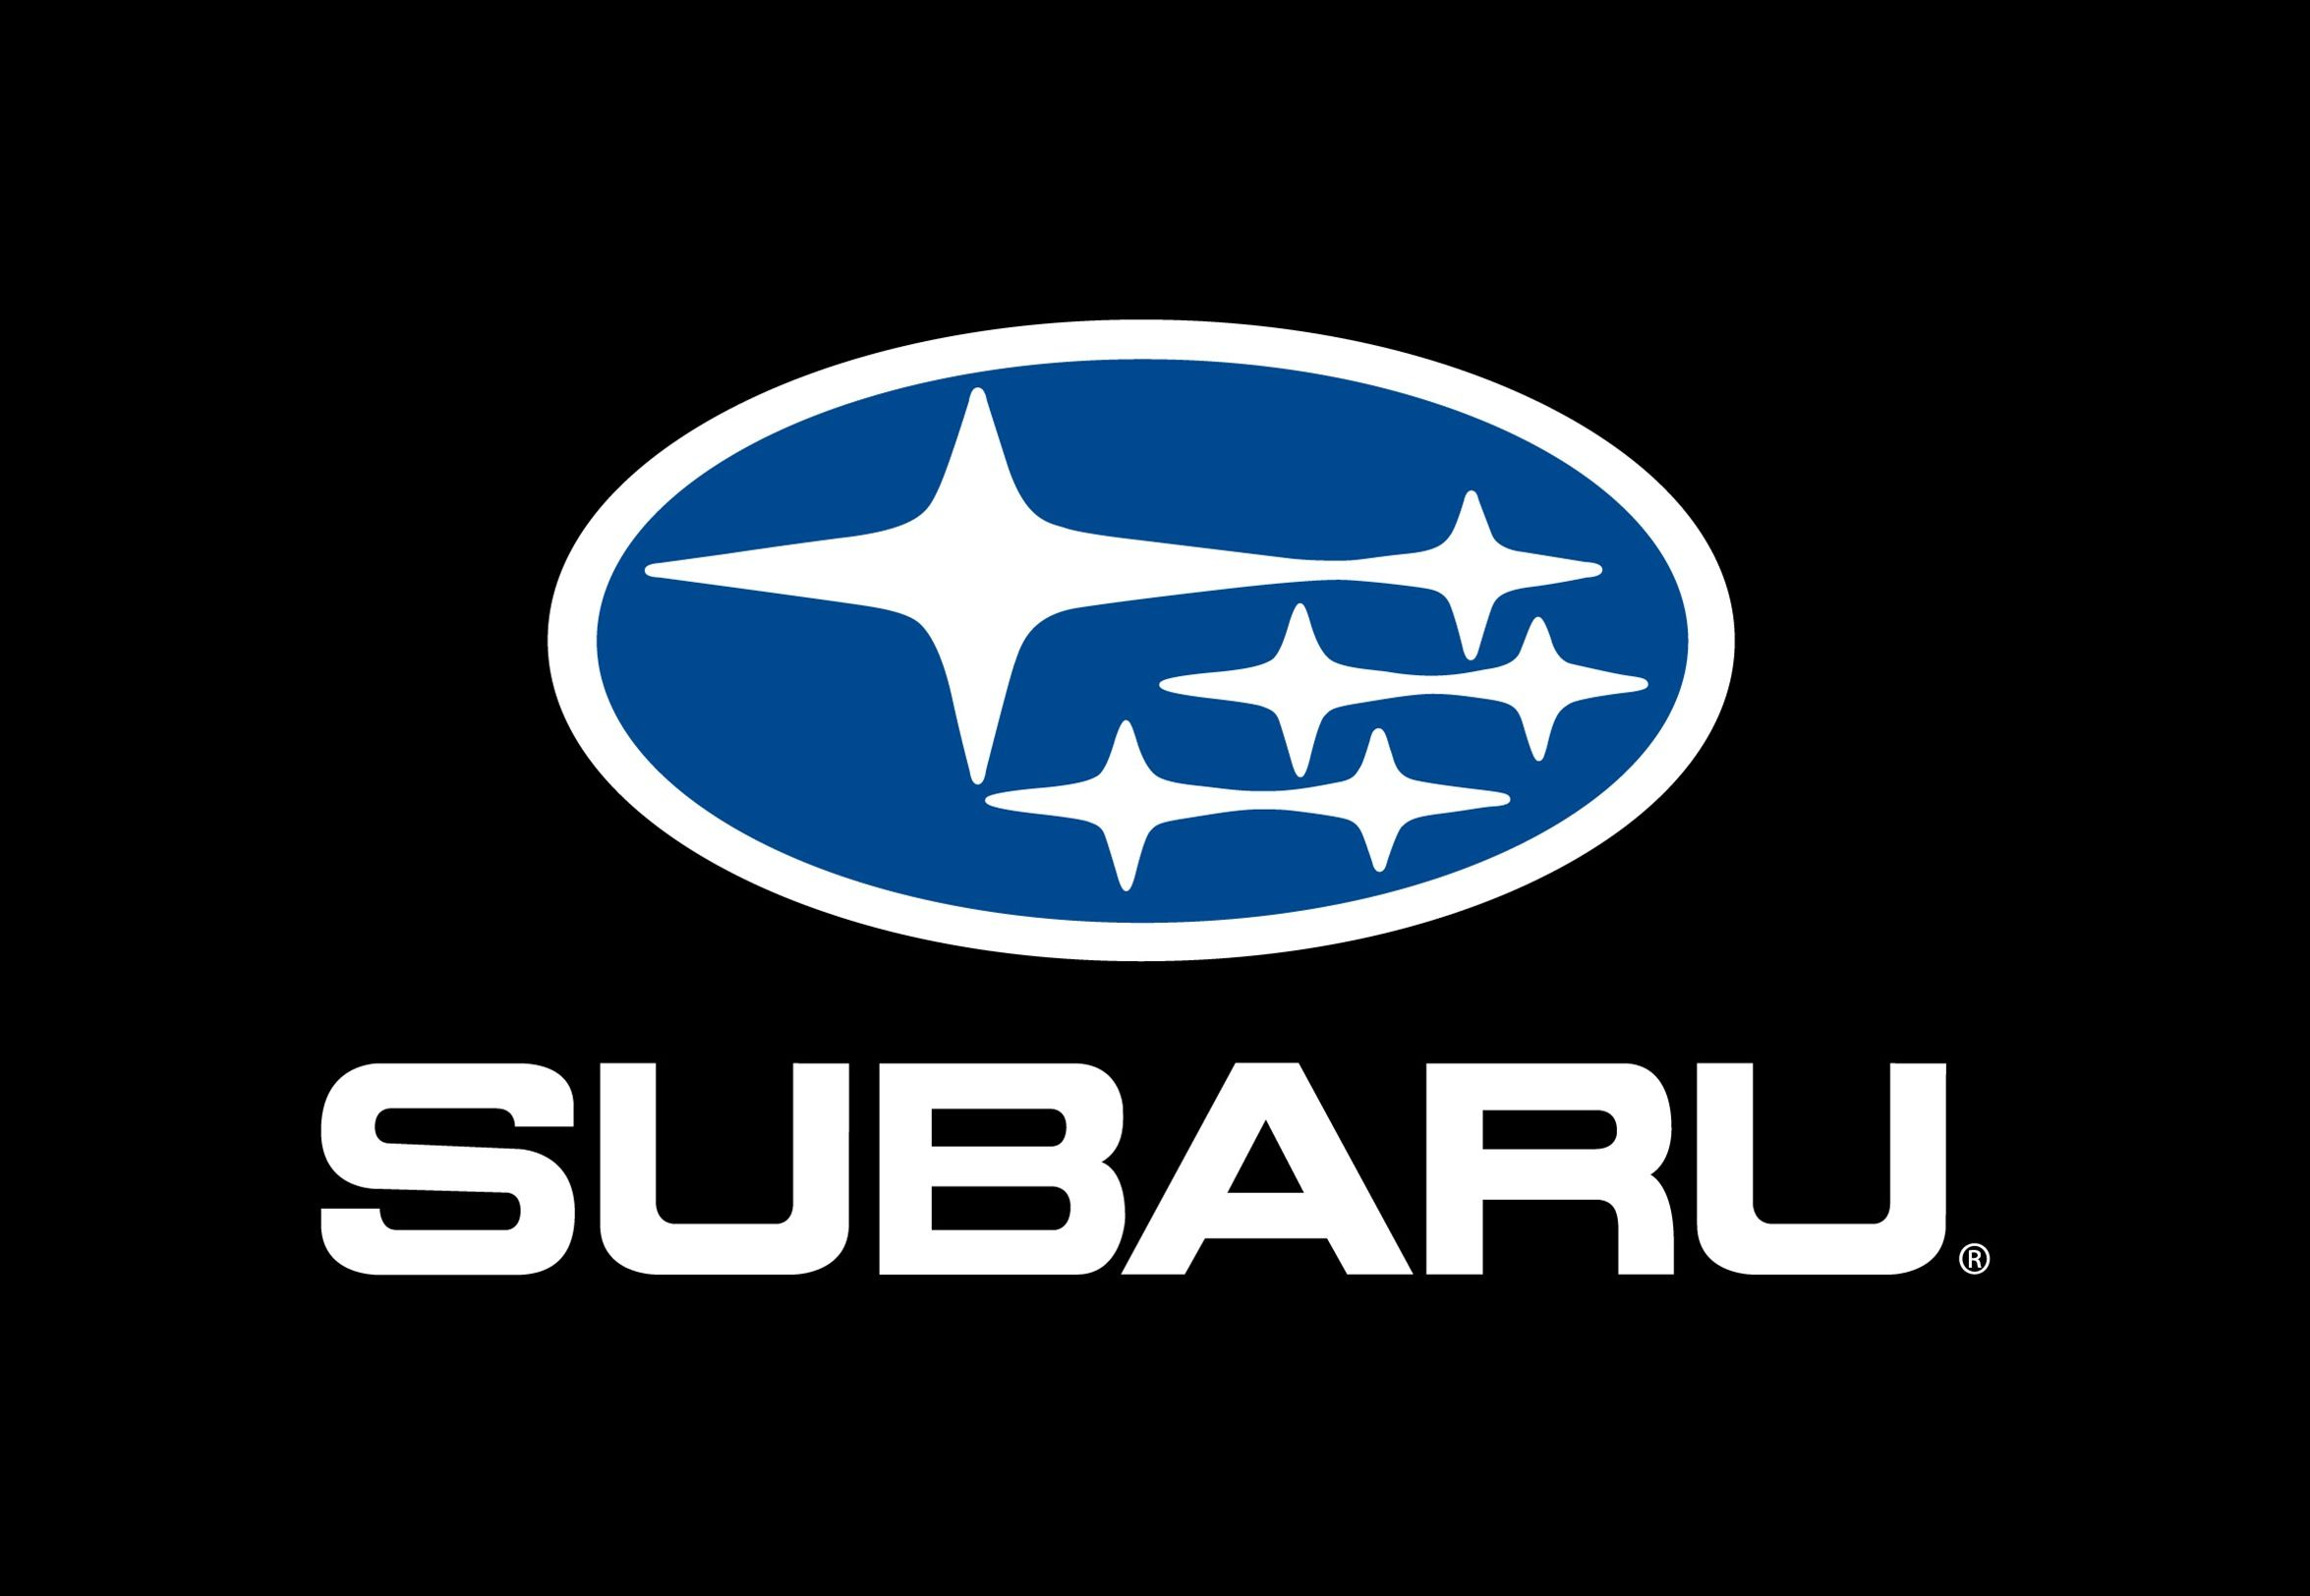 Subaru Logo Wallpaper 1080p Subaru Logo Subaru Car Logos